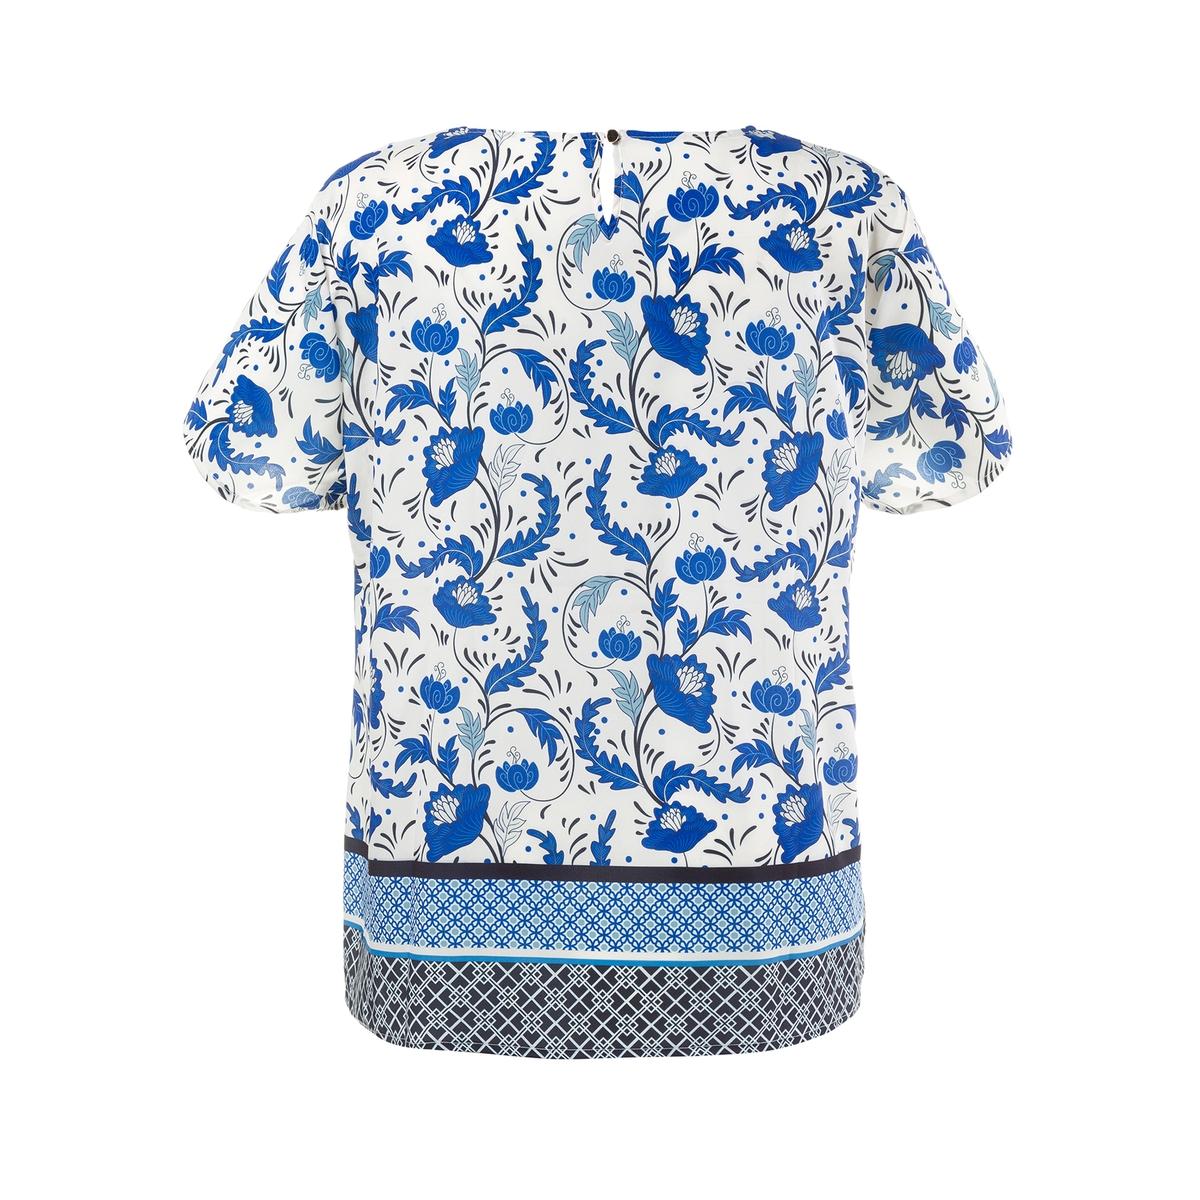 БлузкаБлузка с цветочным рисунком ULLA POPKEN. Очень модная блузка с планкой по низу. Легкий уход: глажка после стирки не требуется. Закругленный вырез с разрезом и застежкой на пуговицу сзади. Короткие рукава. 100% полиэстер. Длина в зависимости от размера. 68-78 см<br><br>Цвет: набивной рисунок